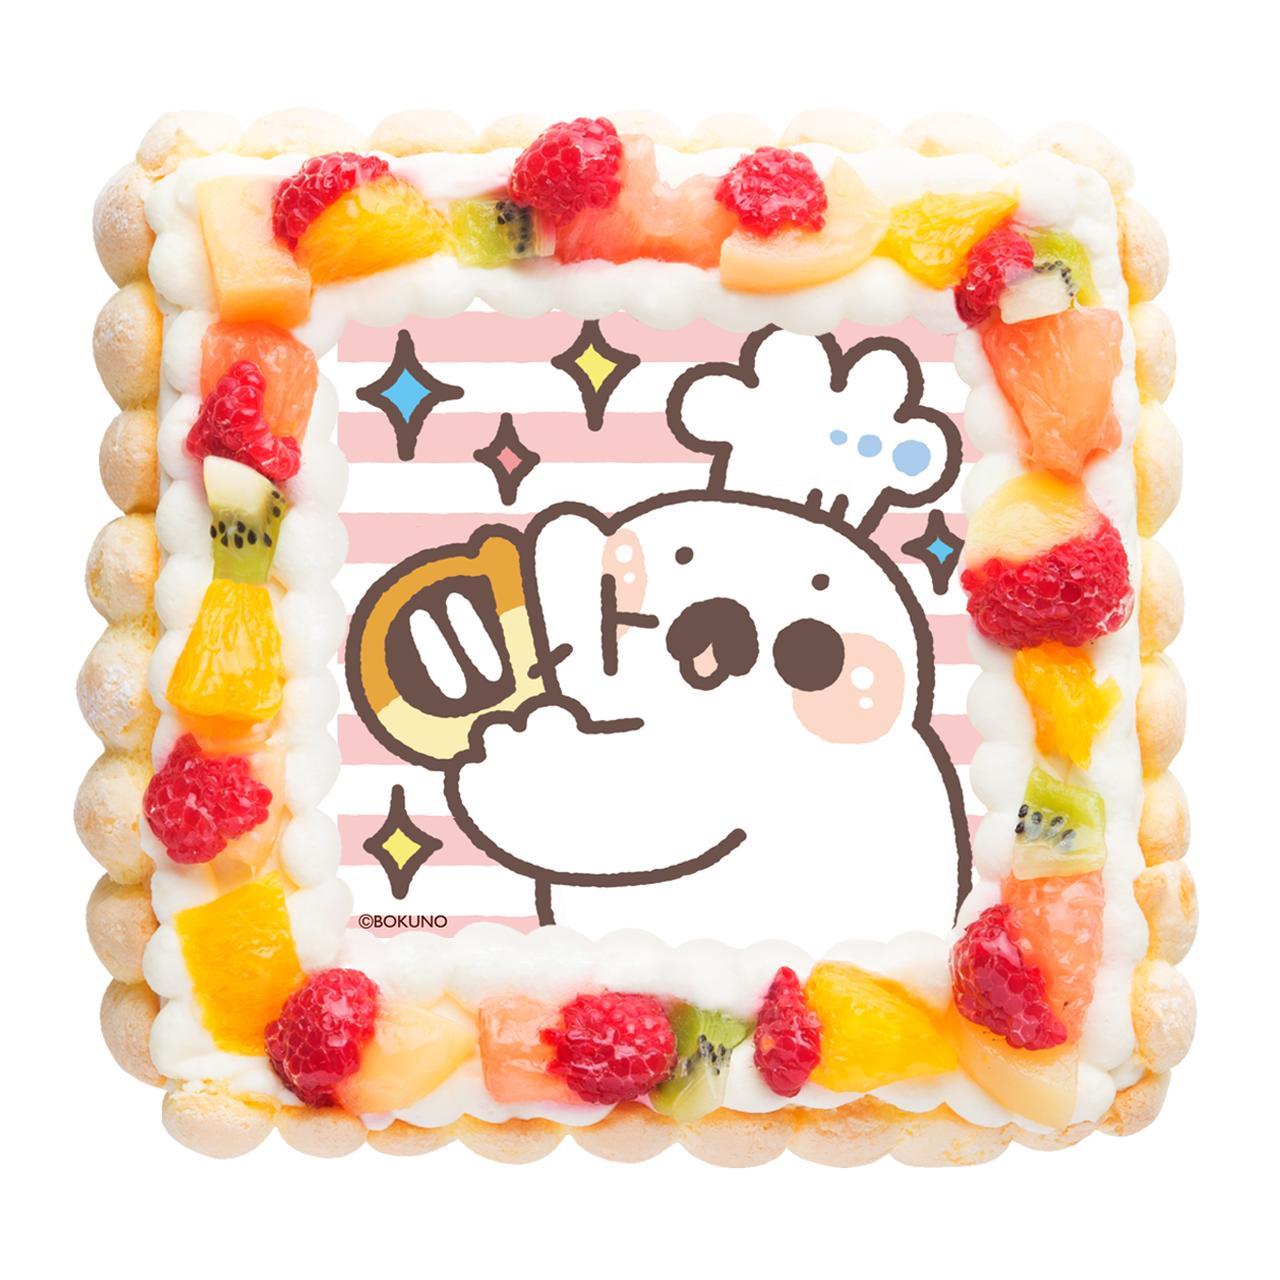 画像3: マシュマロアザラシ「マロくん」がケーキに!